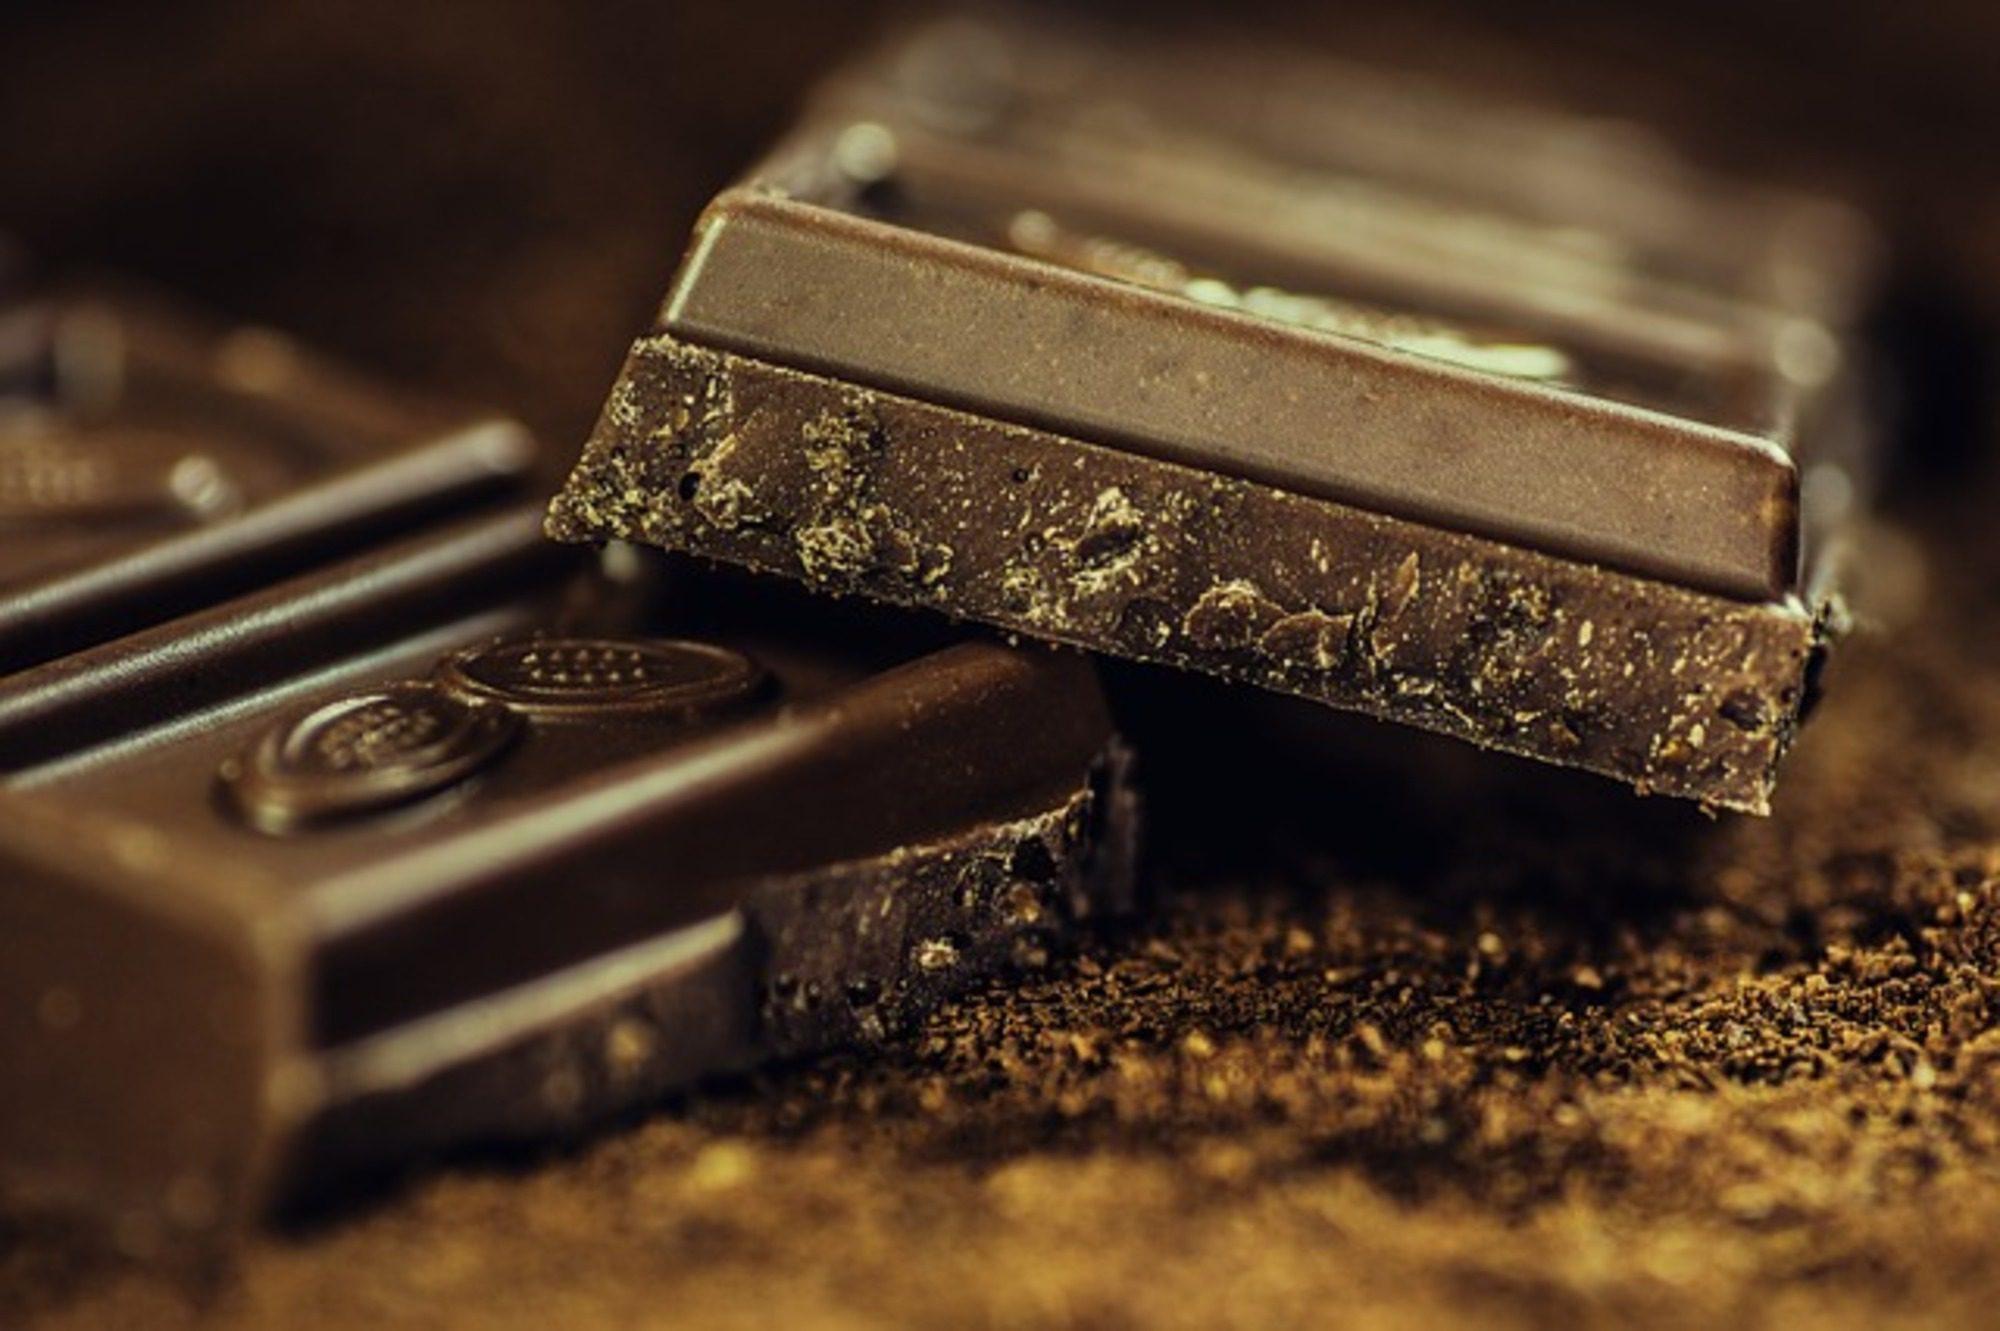 Nejlonszatyor és csokoládé